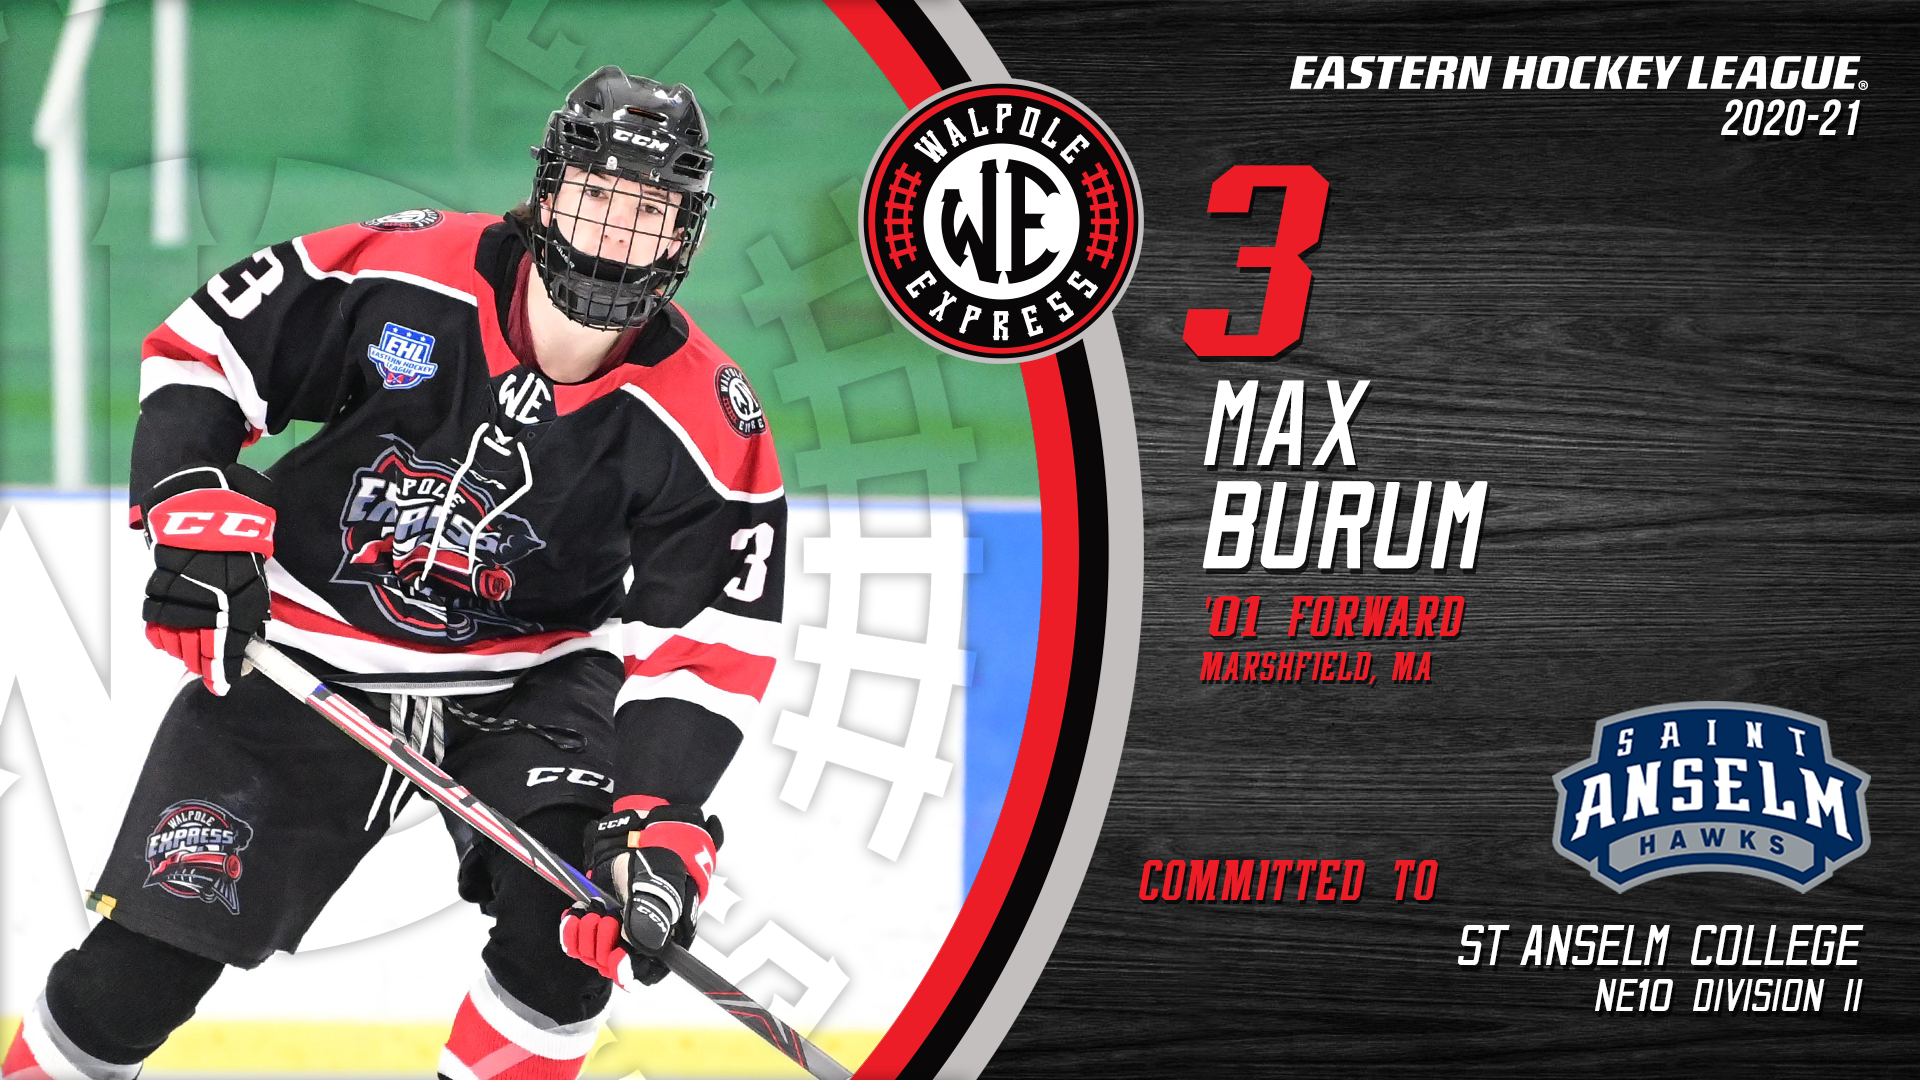 Max Burum